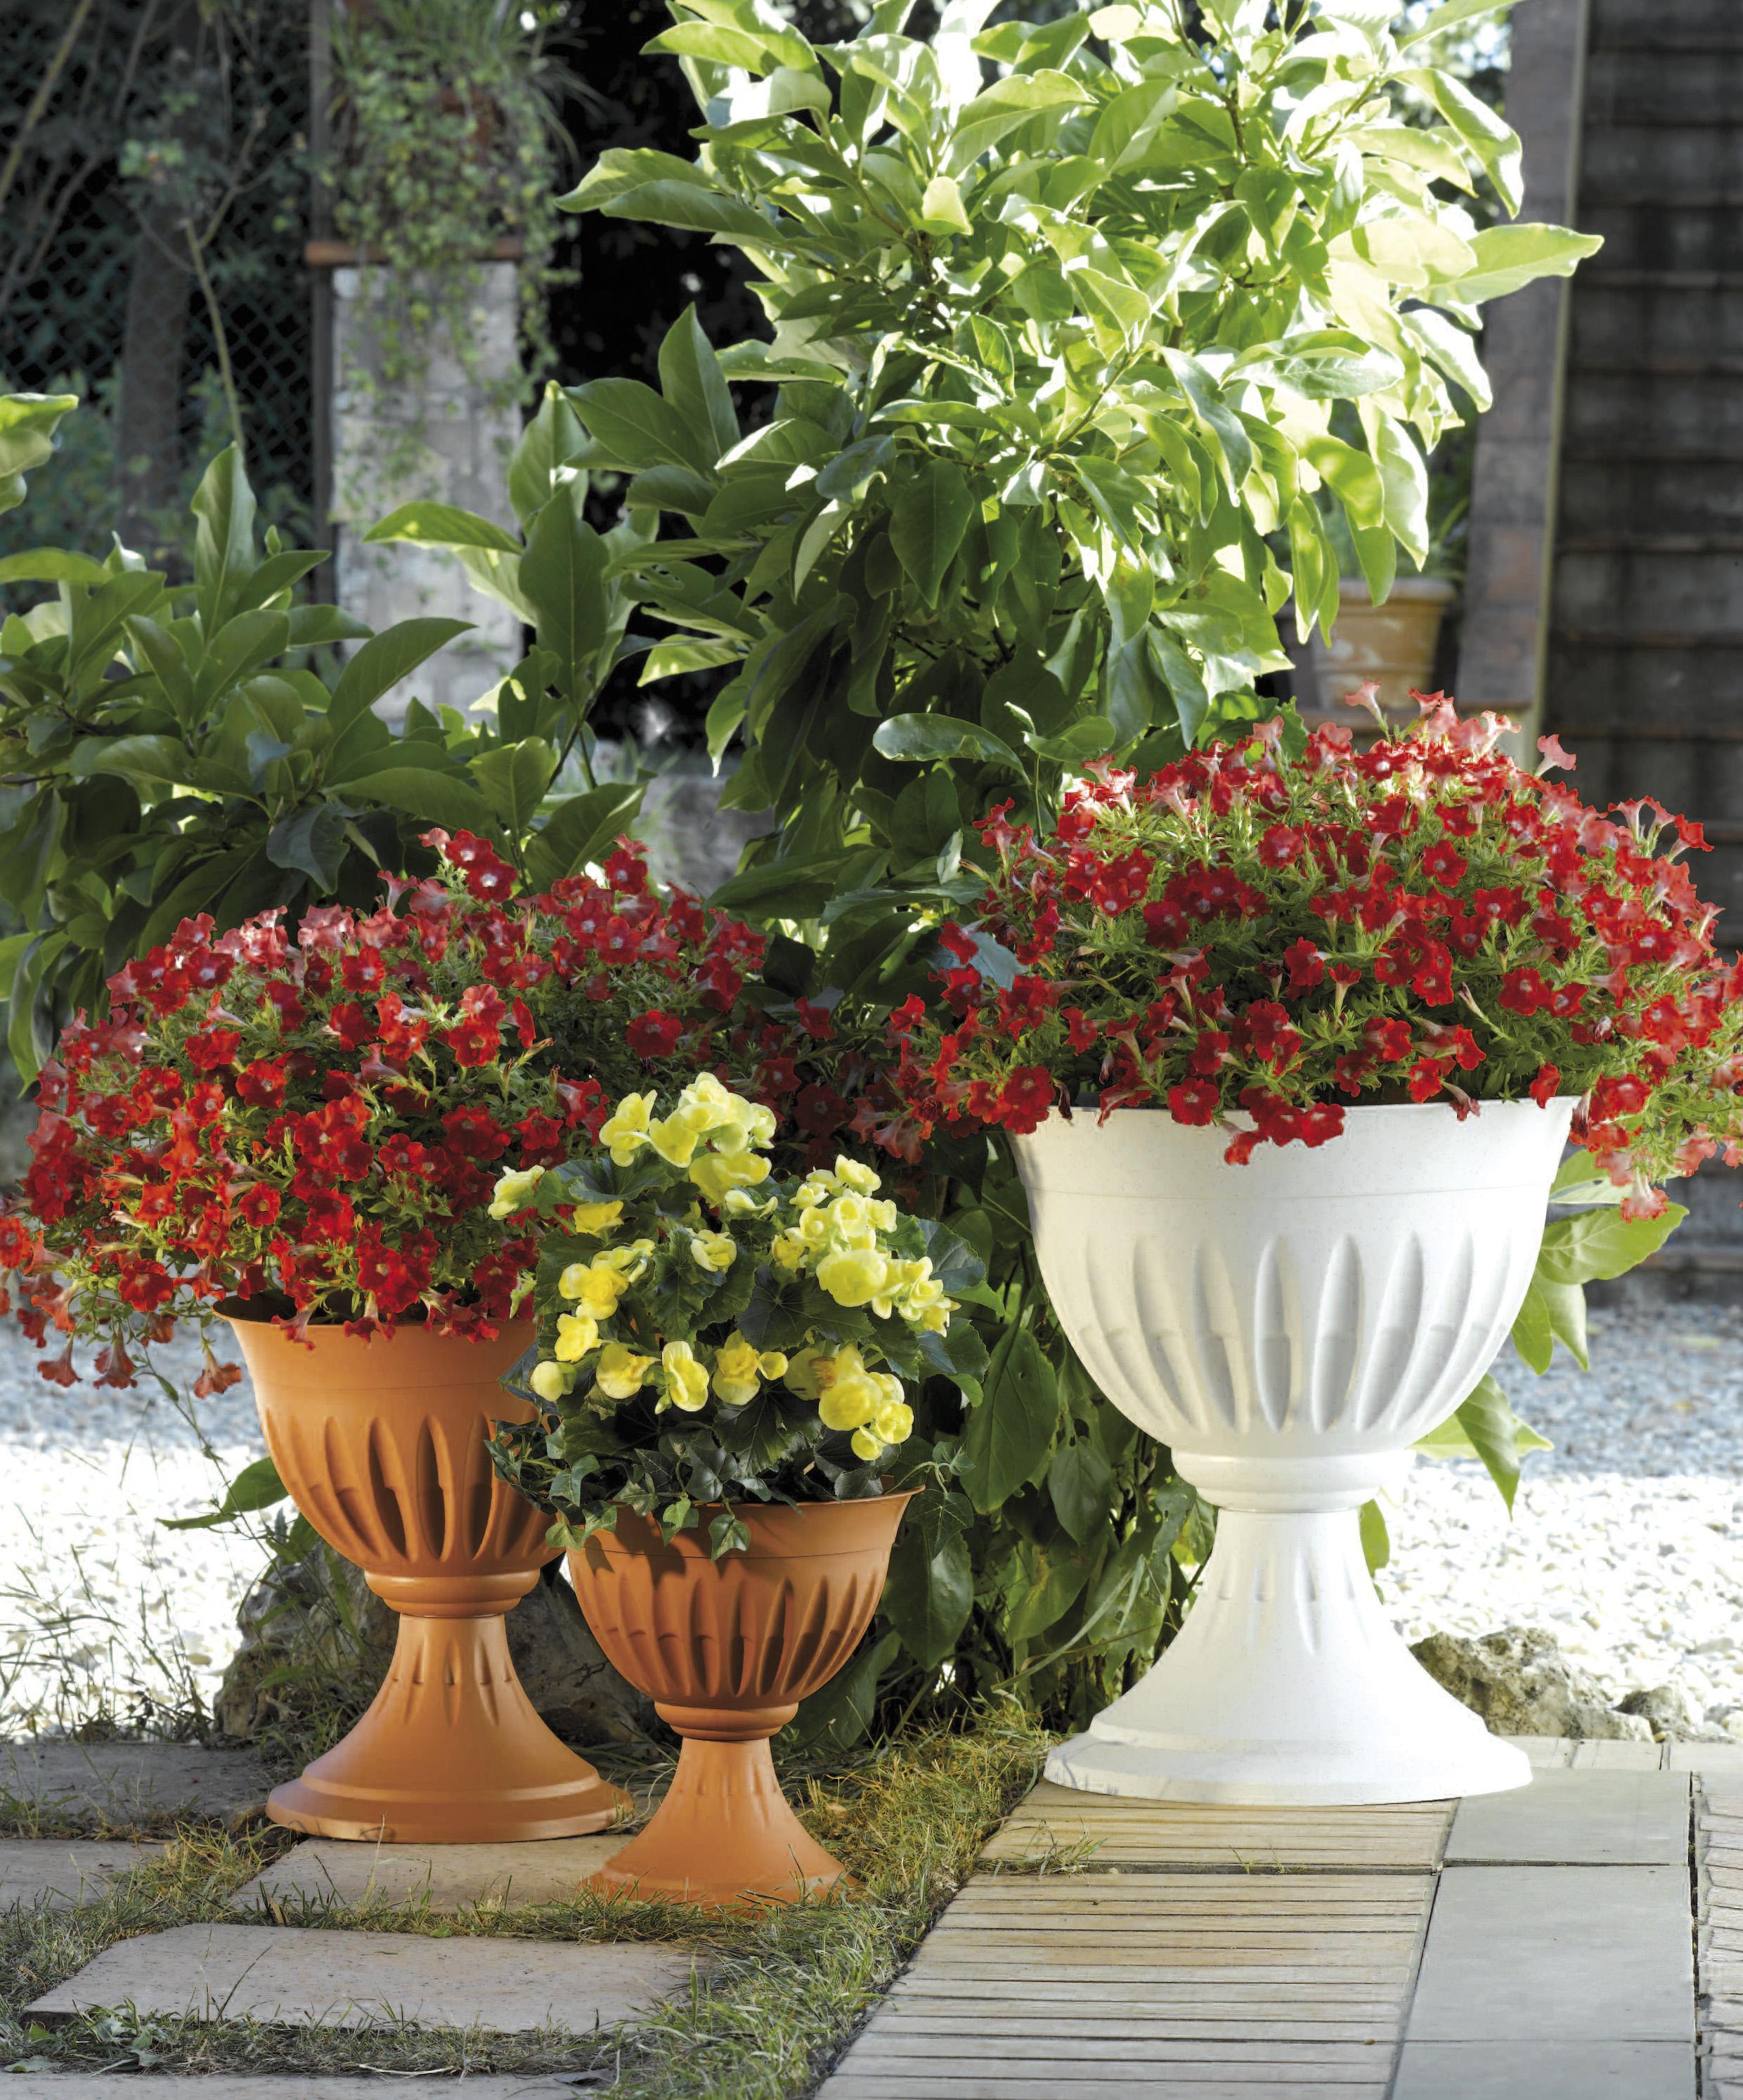 Carriole da giardino con alberelli da giardino fioriti for Alberelli fioriti da giardino